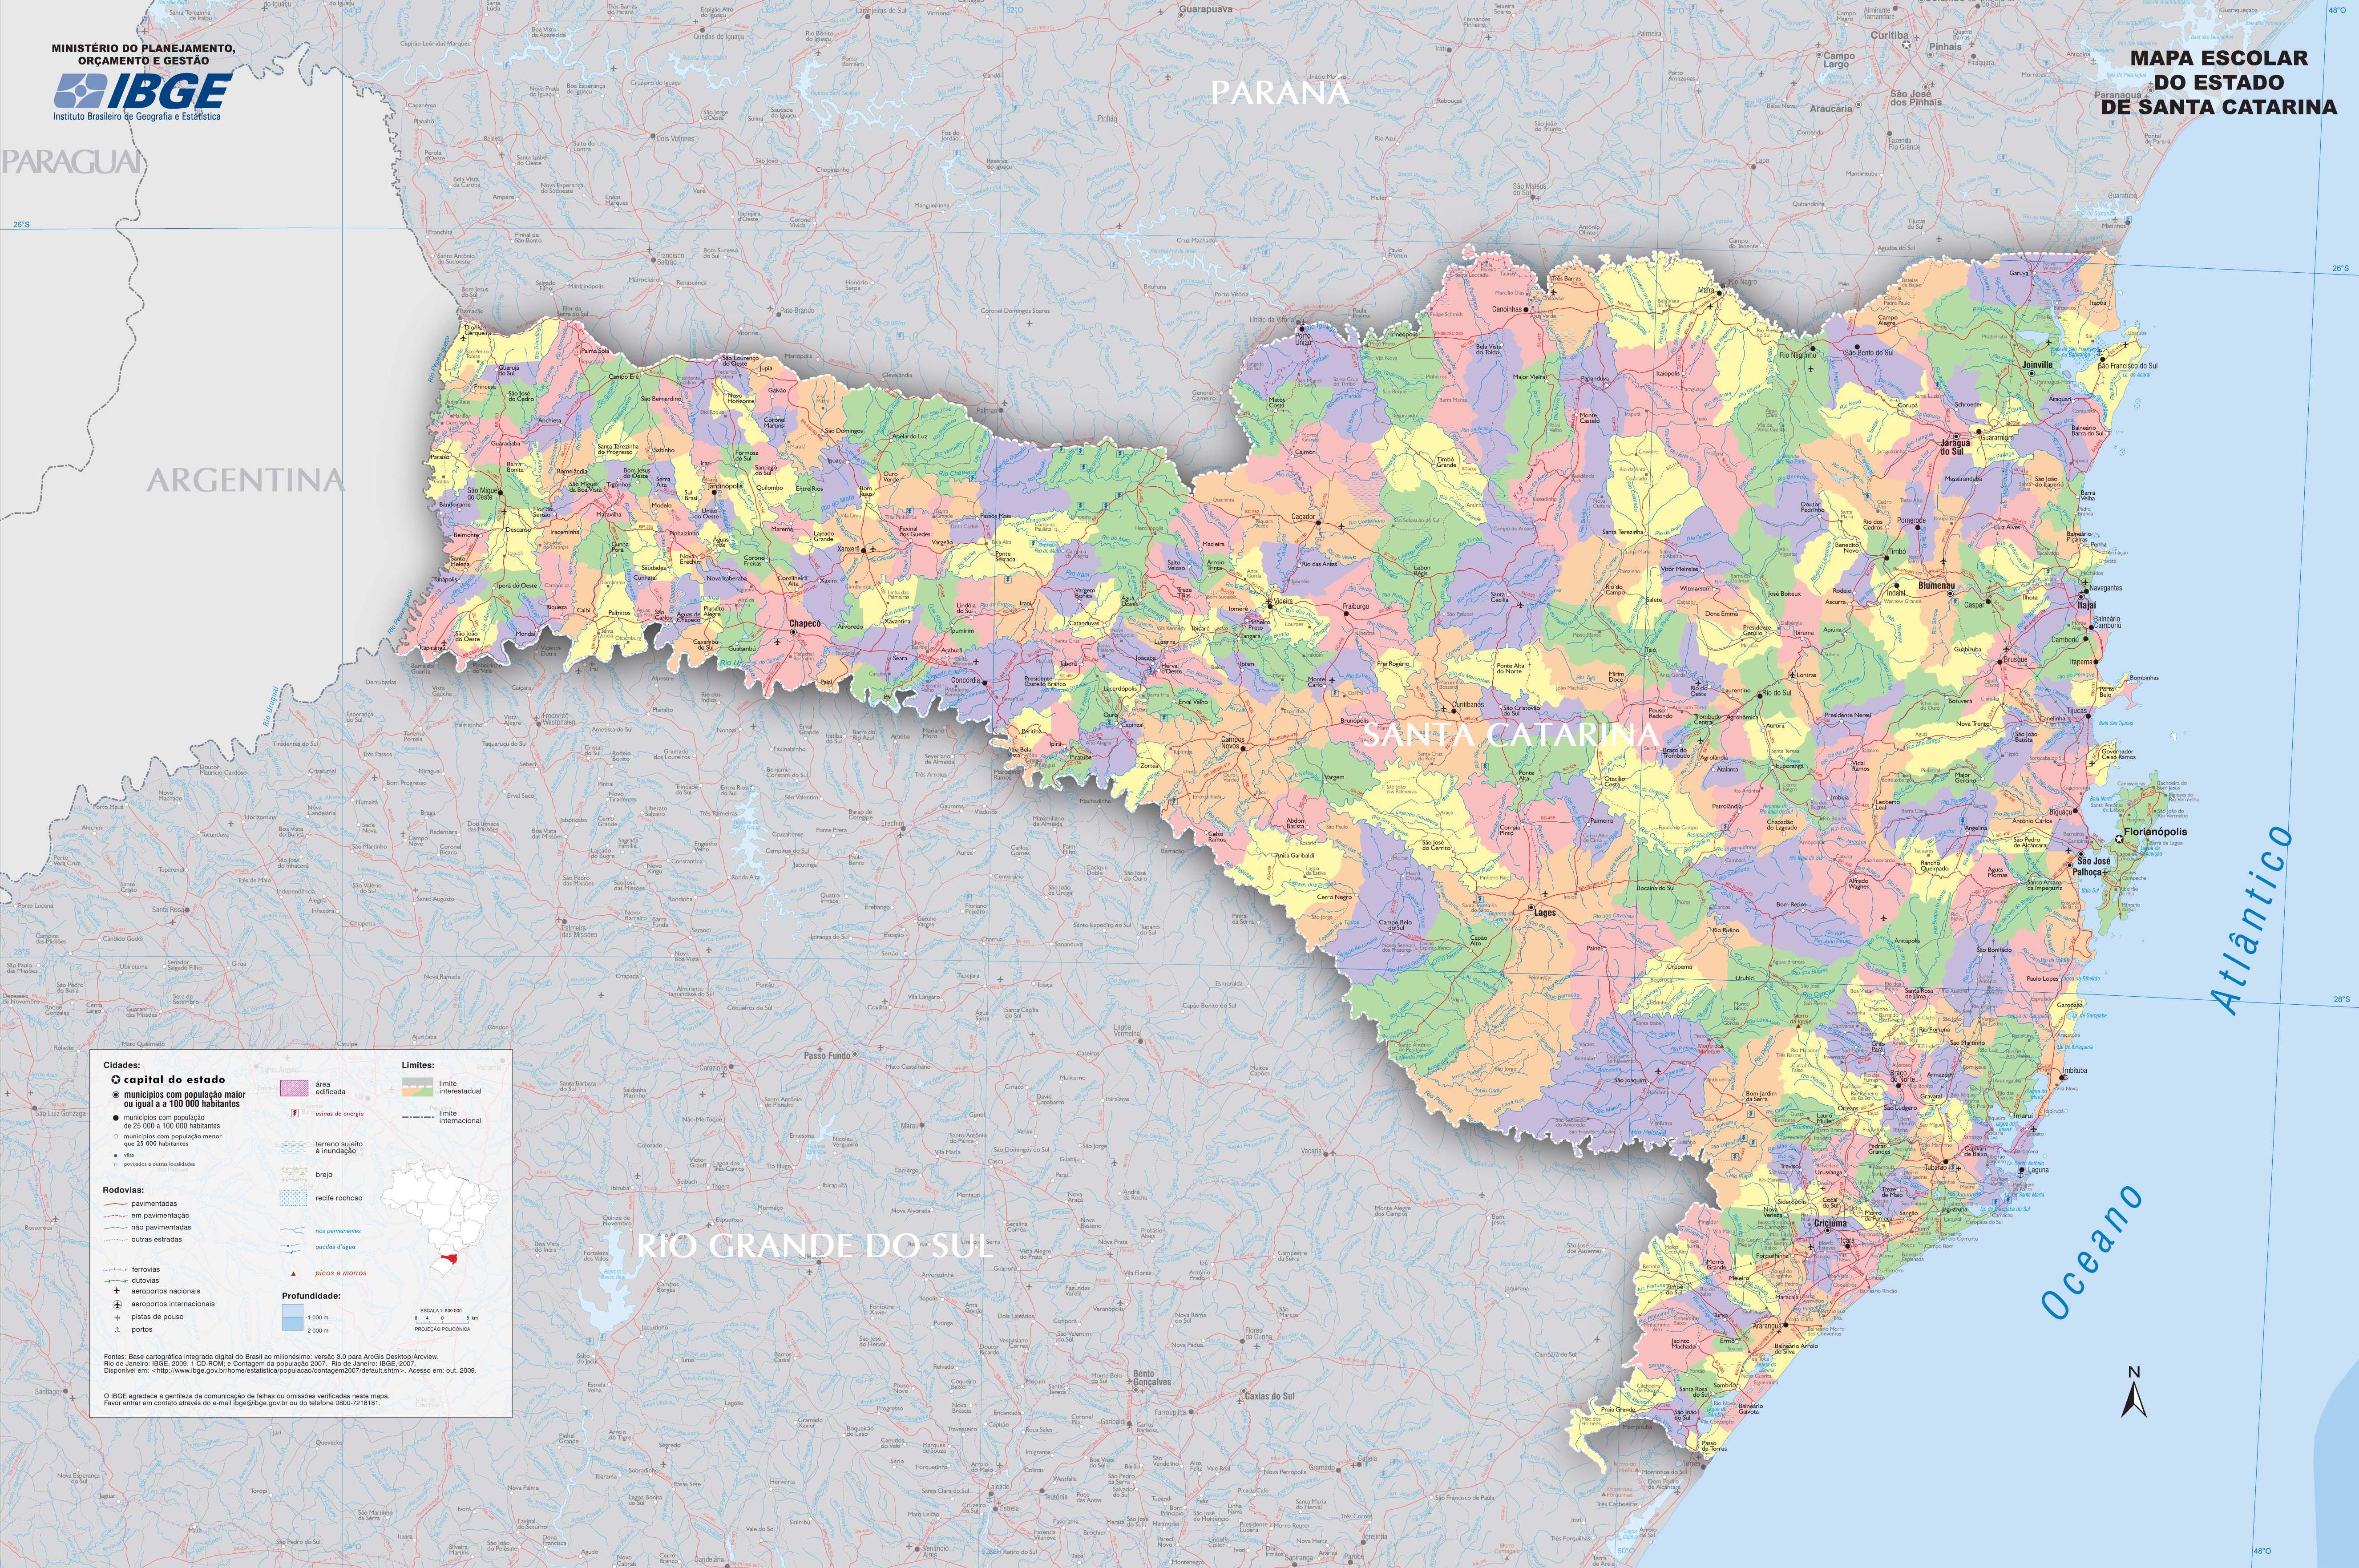 Mapa poltico de Santa Carina  Municpios de SC  InfoEscola